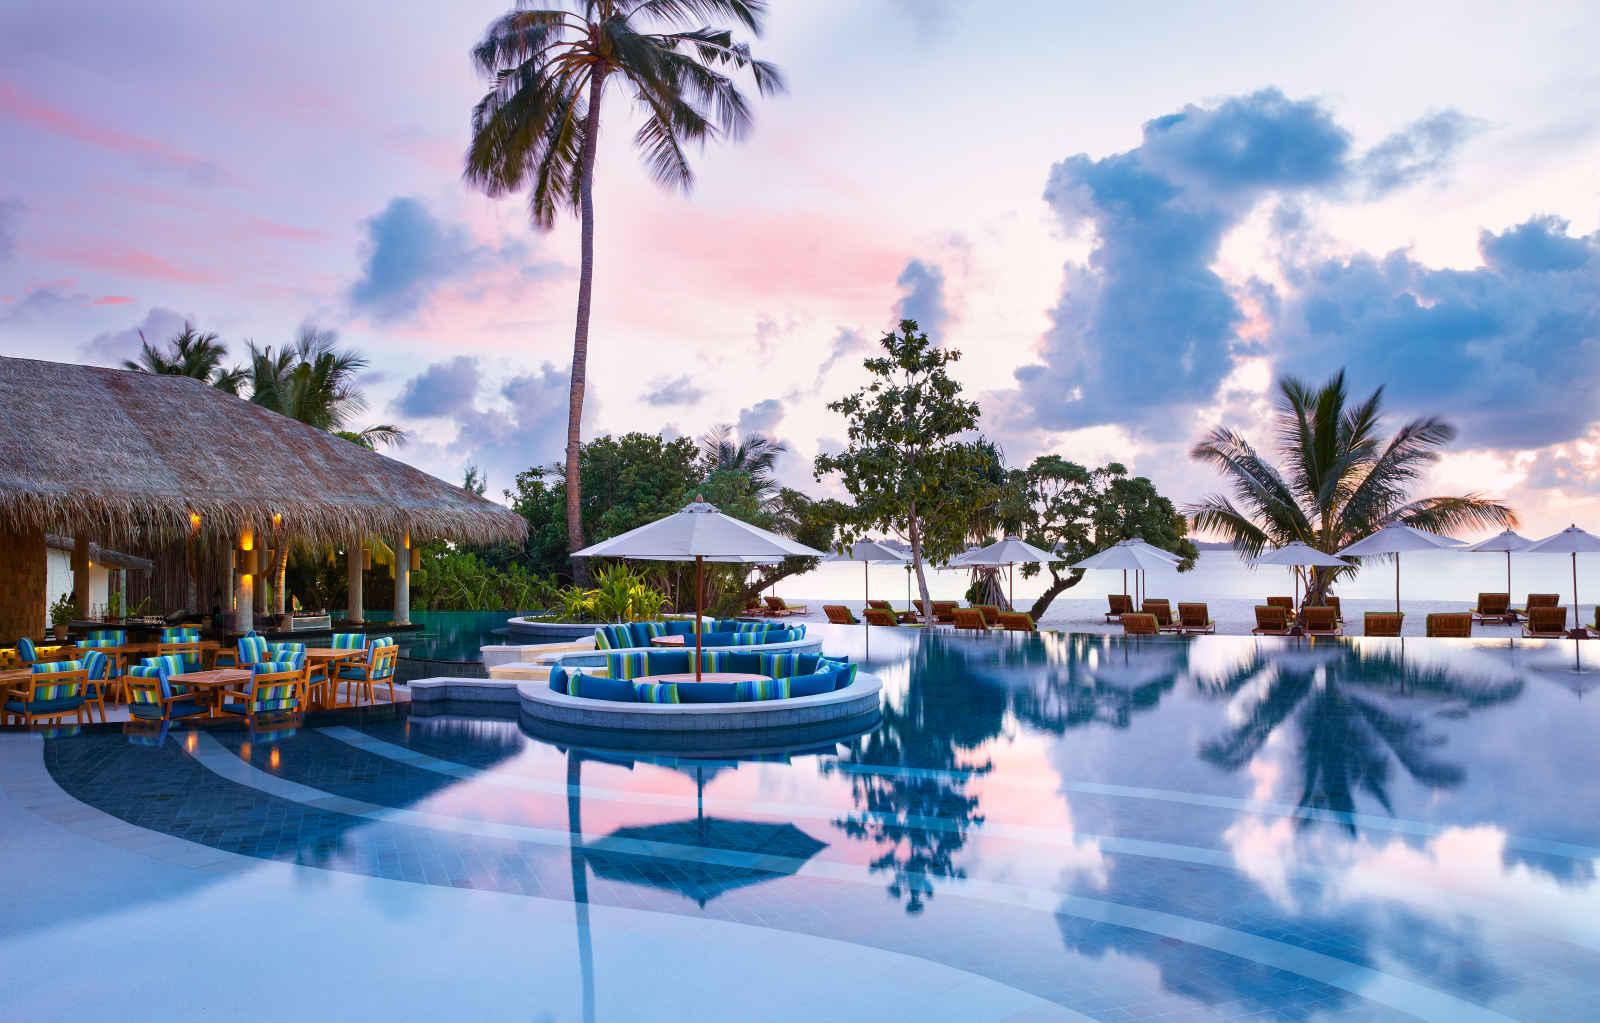 voyage de luxe, sejour de prestige Six Senses Laamu - voyage  - sejour